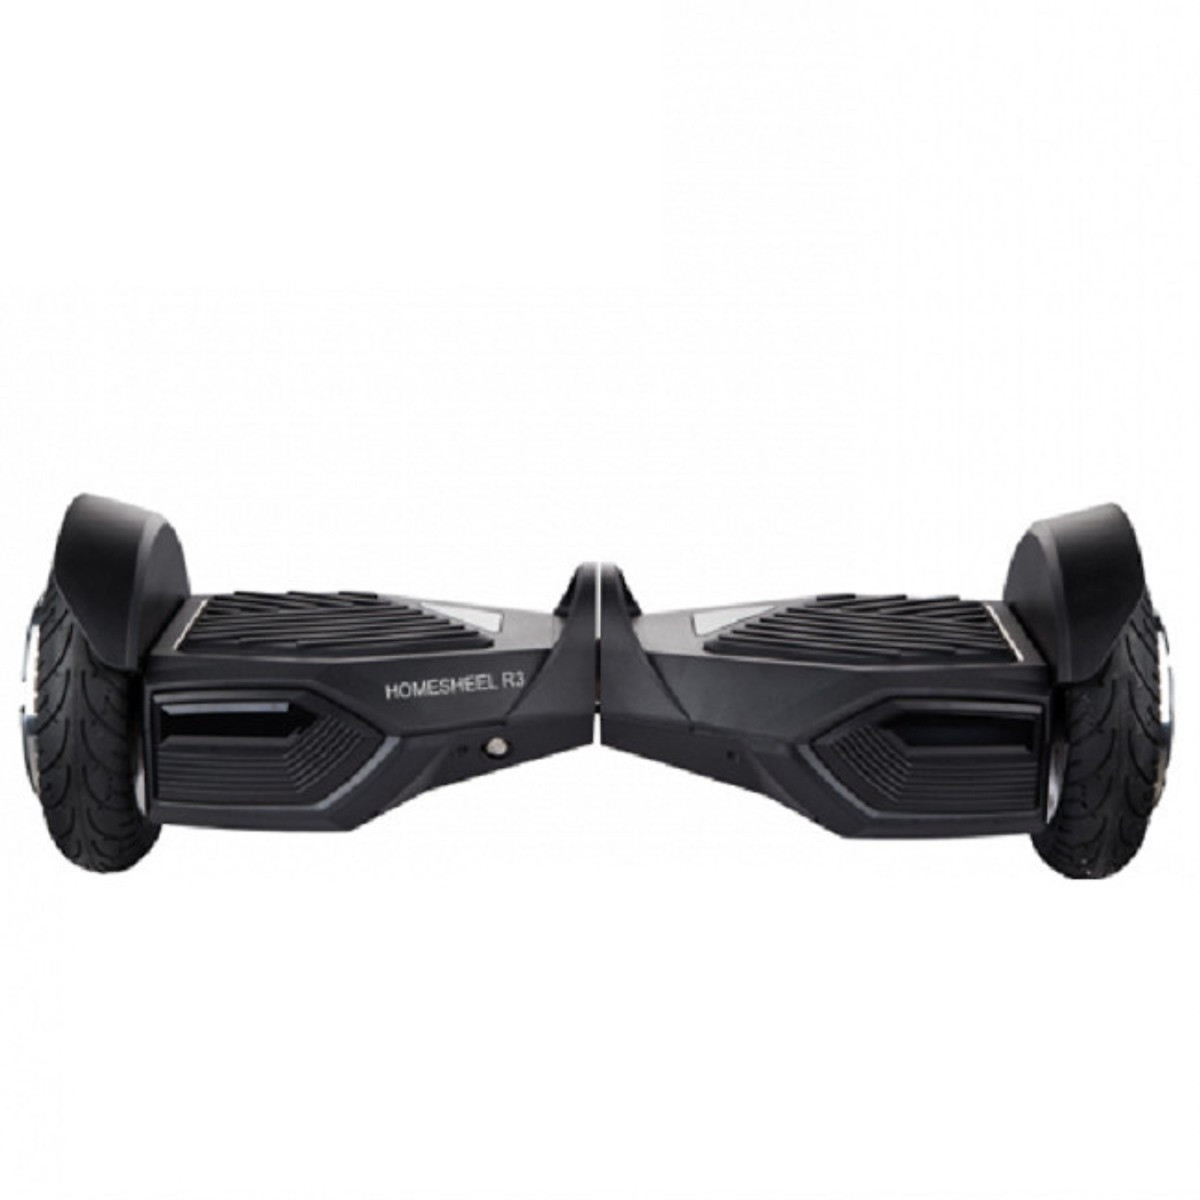 Review Xe điện cân bằng Homesheel R3 mẫu mới